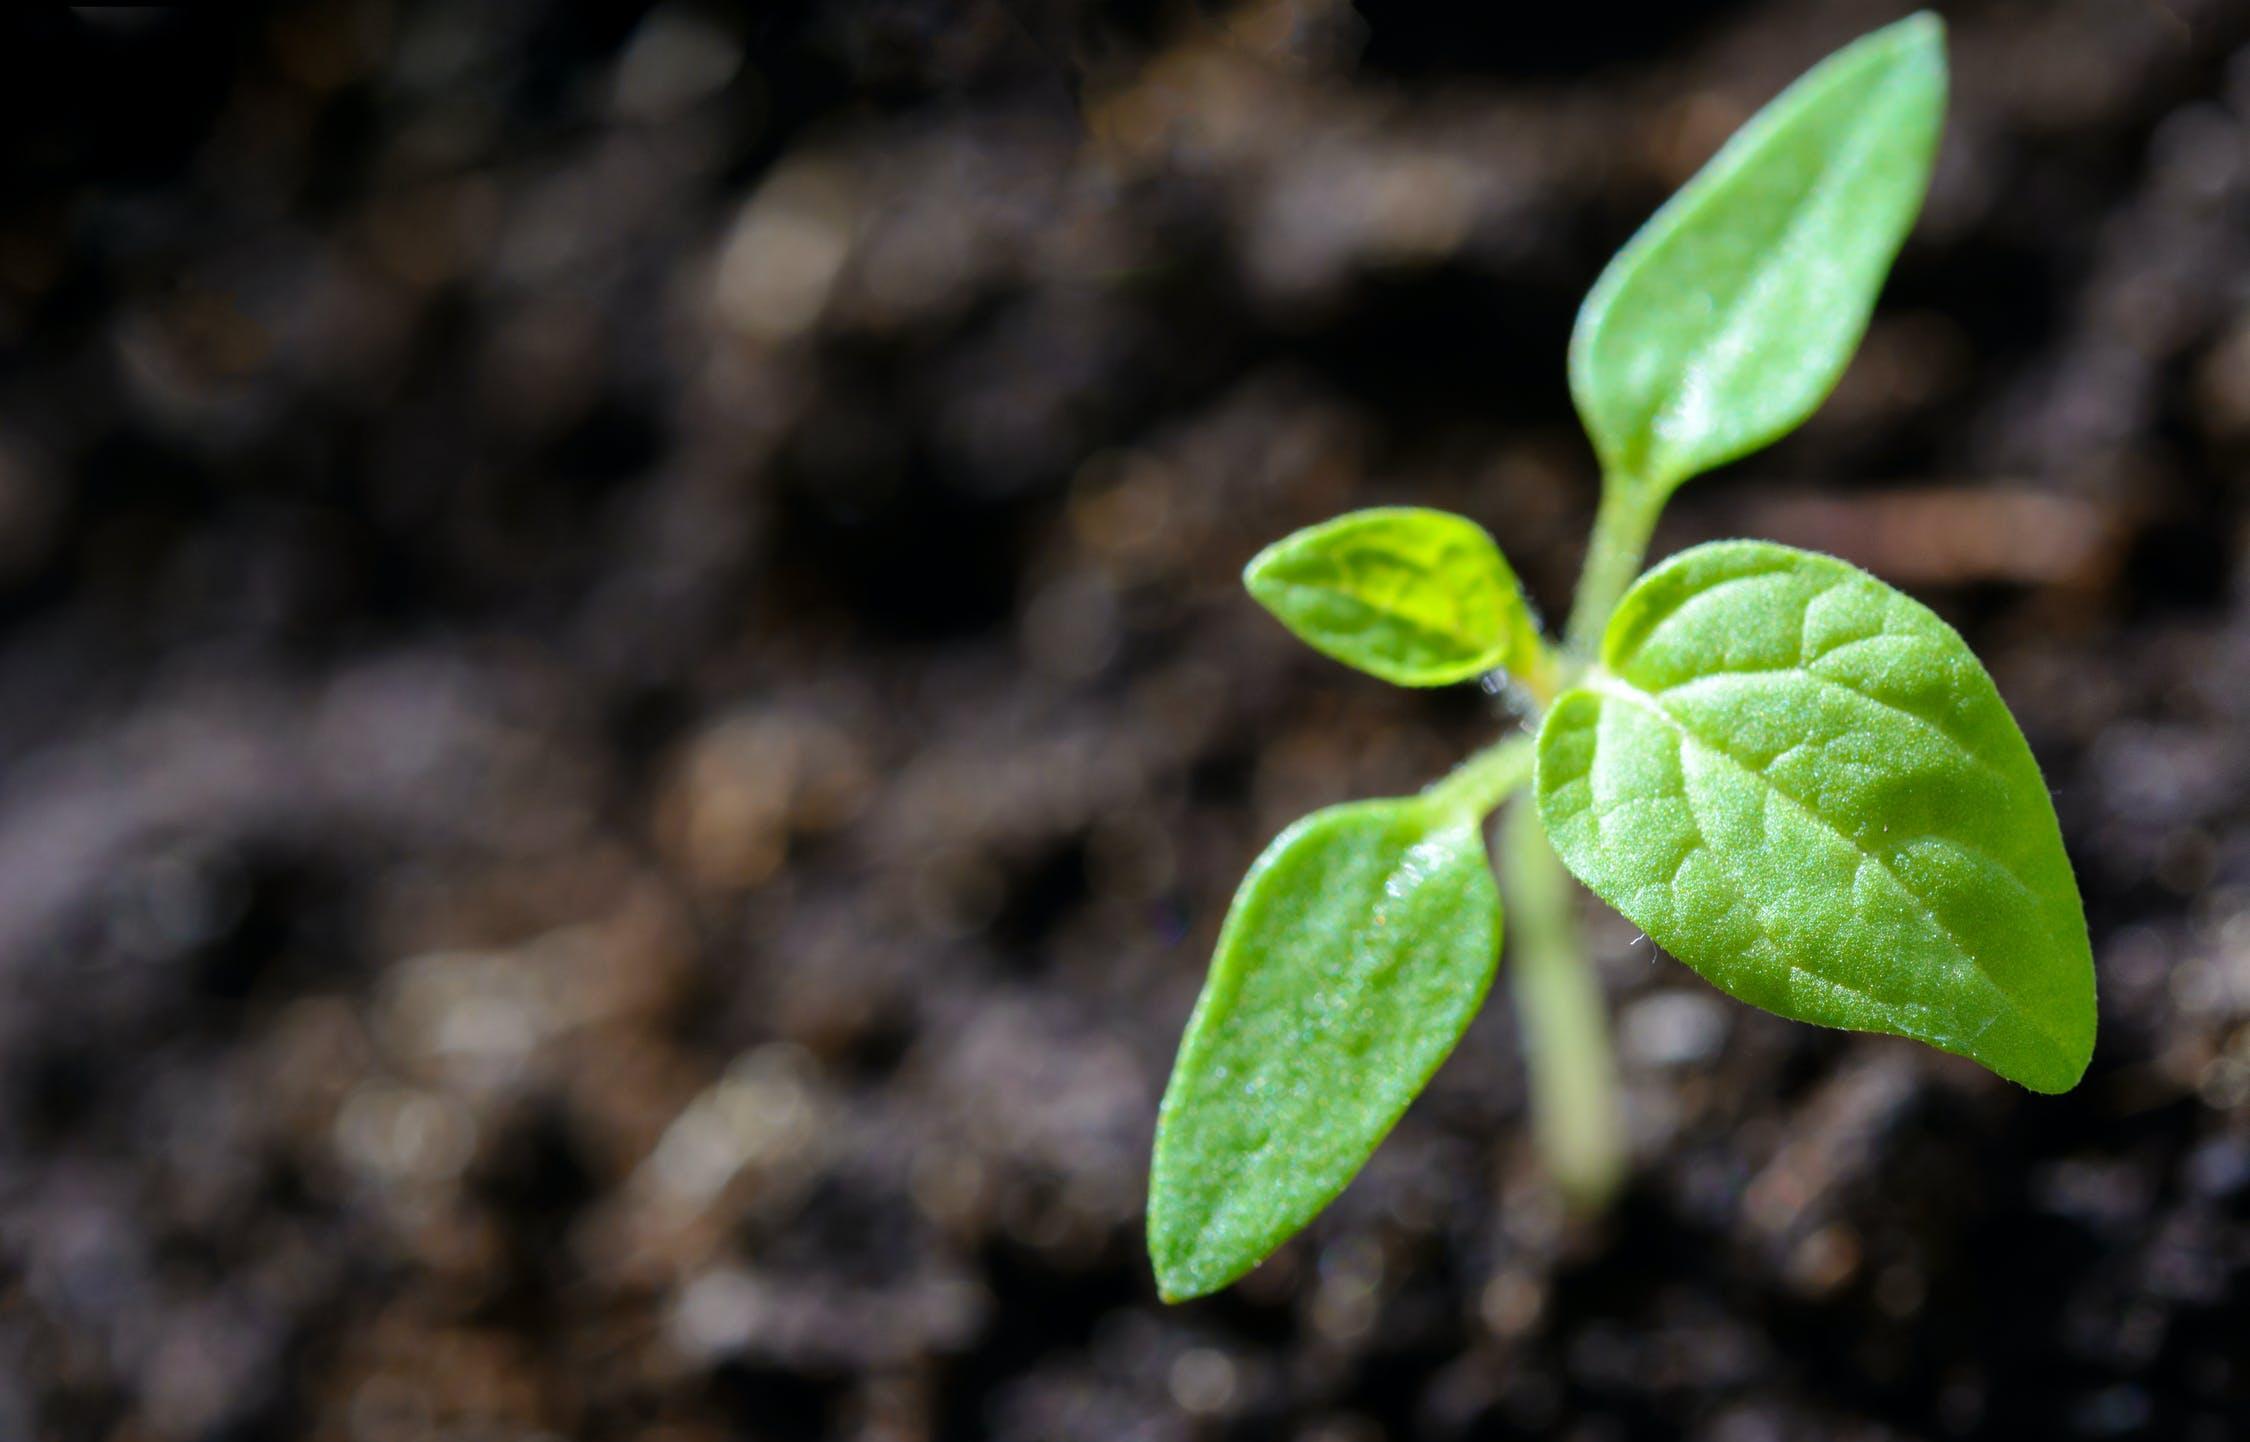 Россельхознадзор подвел итоги фитосанитарного контроля за 2020 год - новости Афанасий